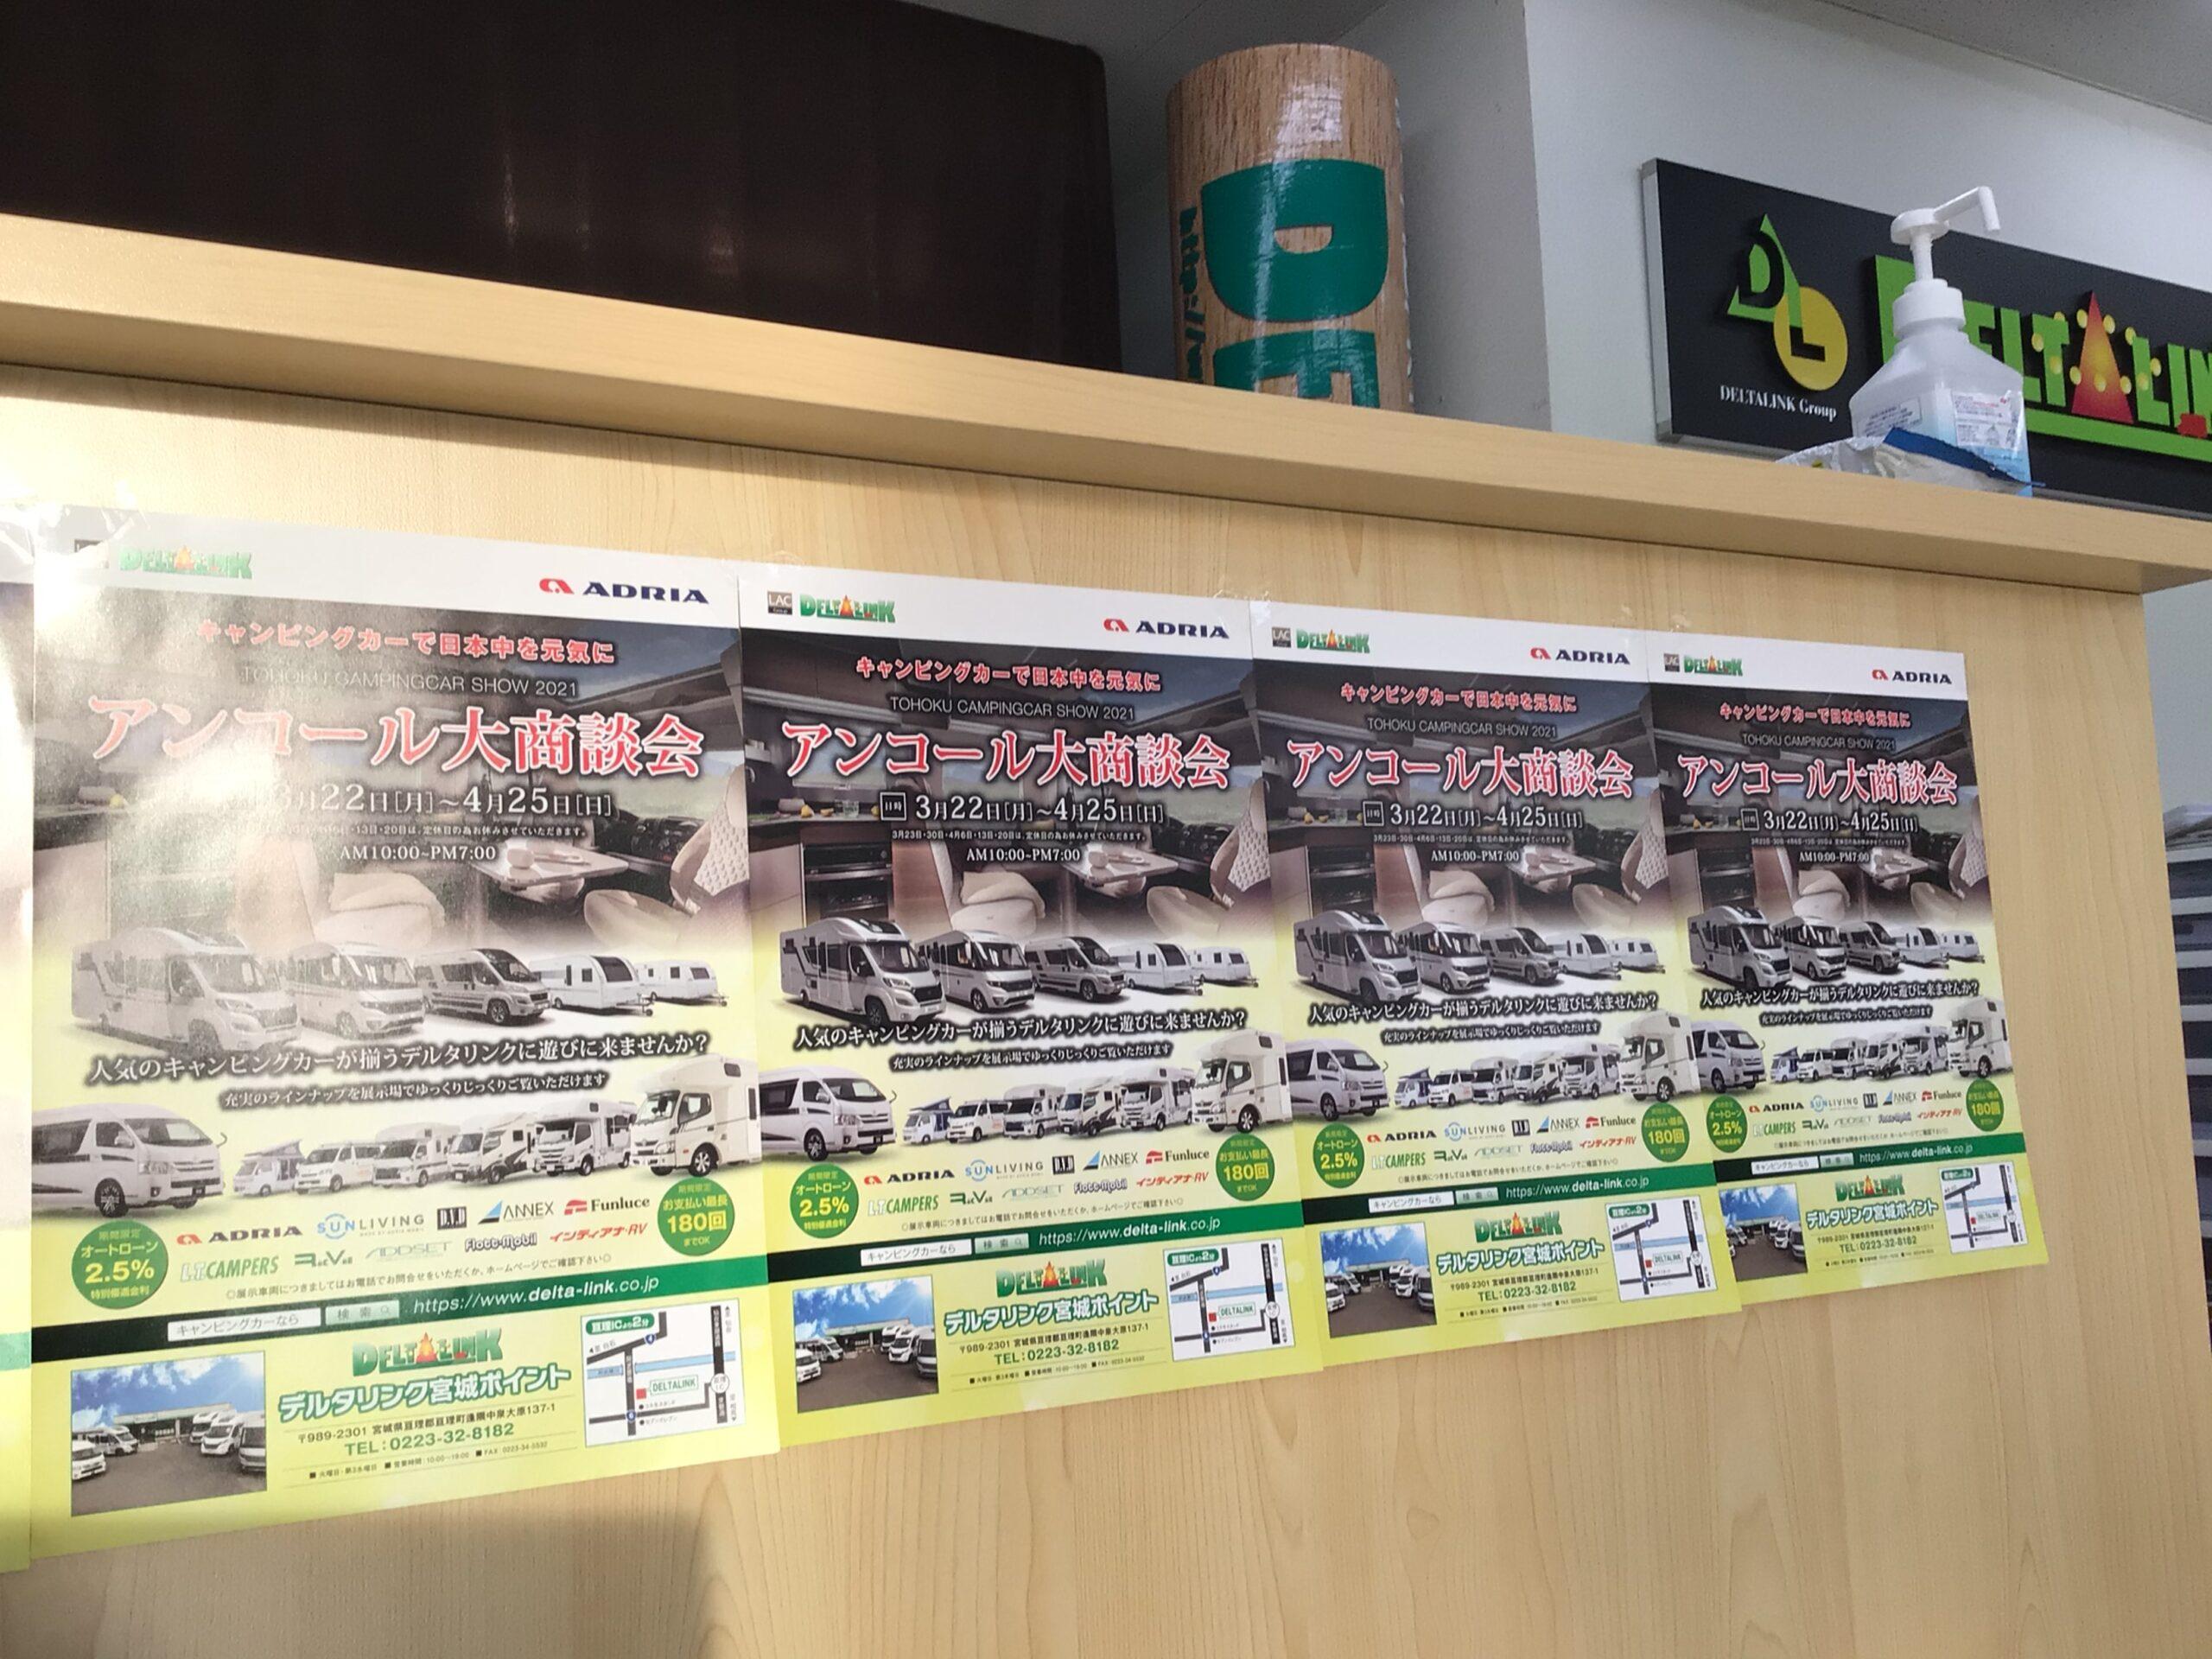 東北キャンピングカーショー デルタリンク宮城にてアンコールフェア開催中